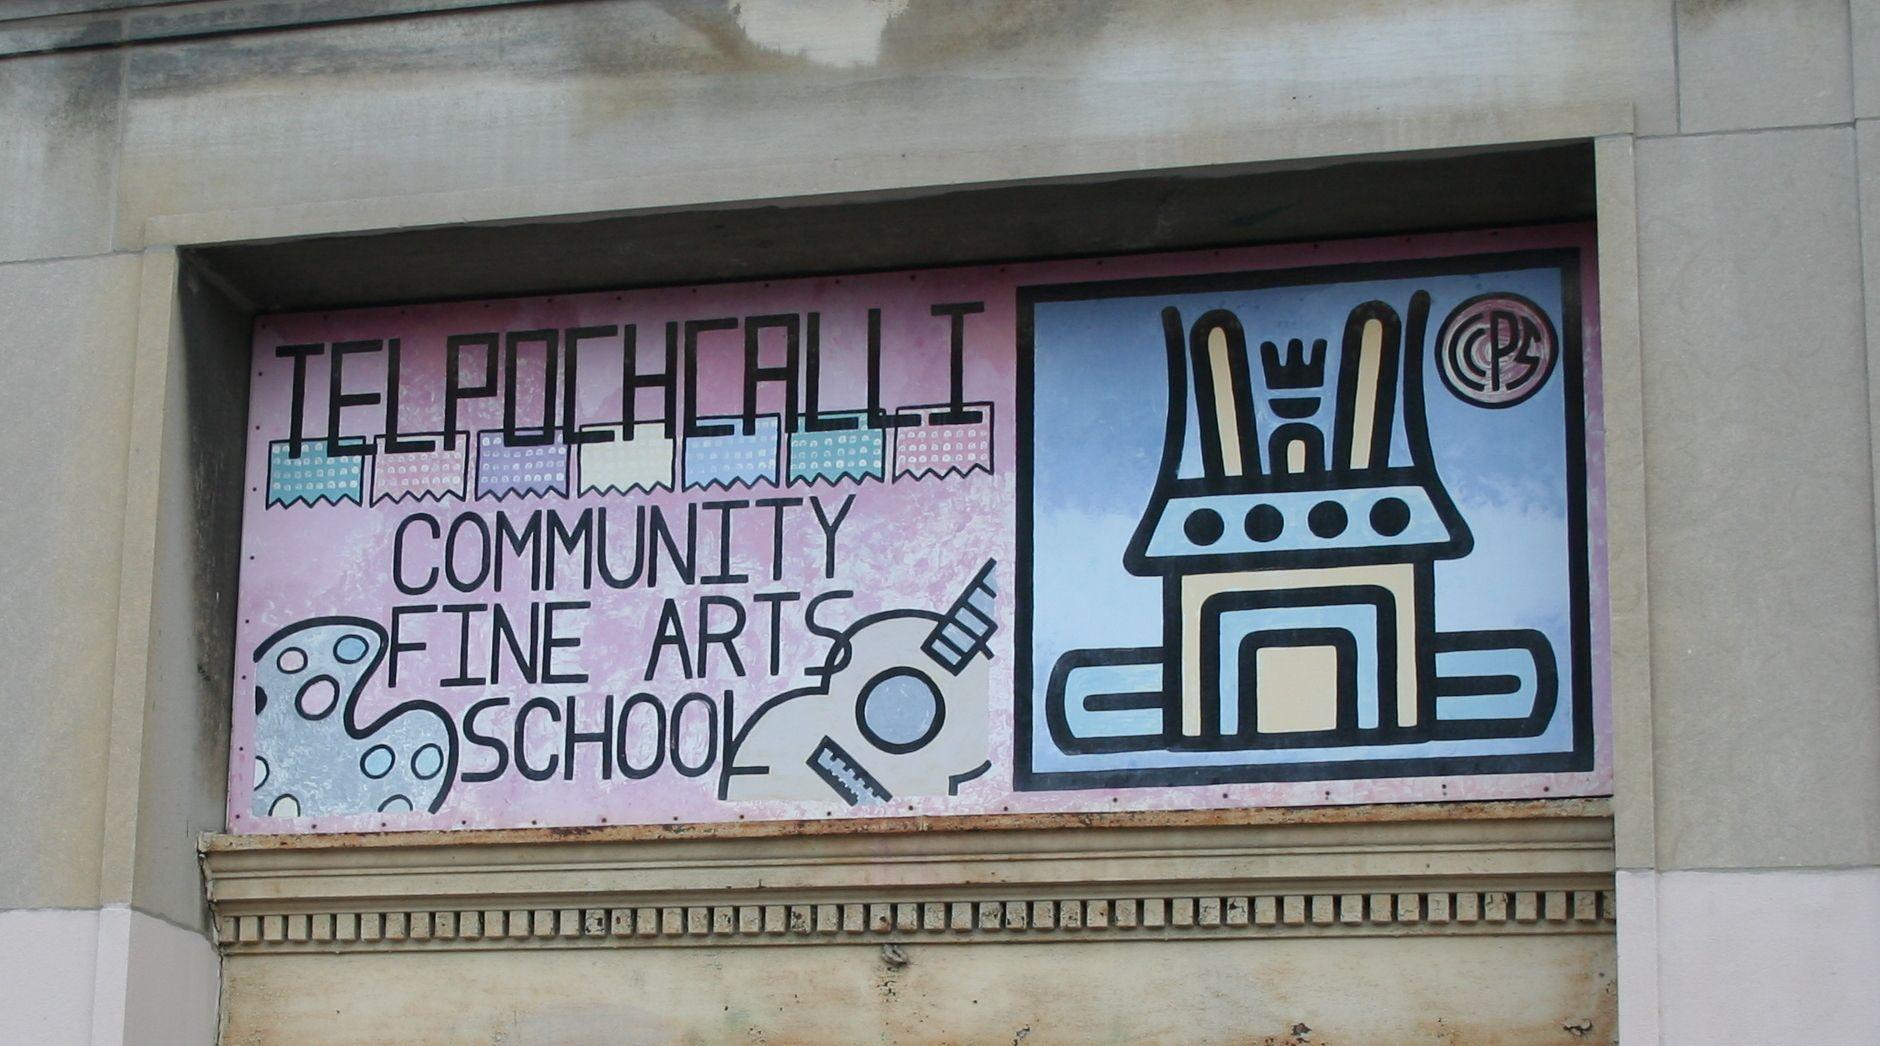 featured image Telpochcalli Elementary School